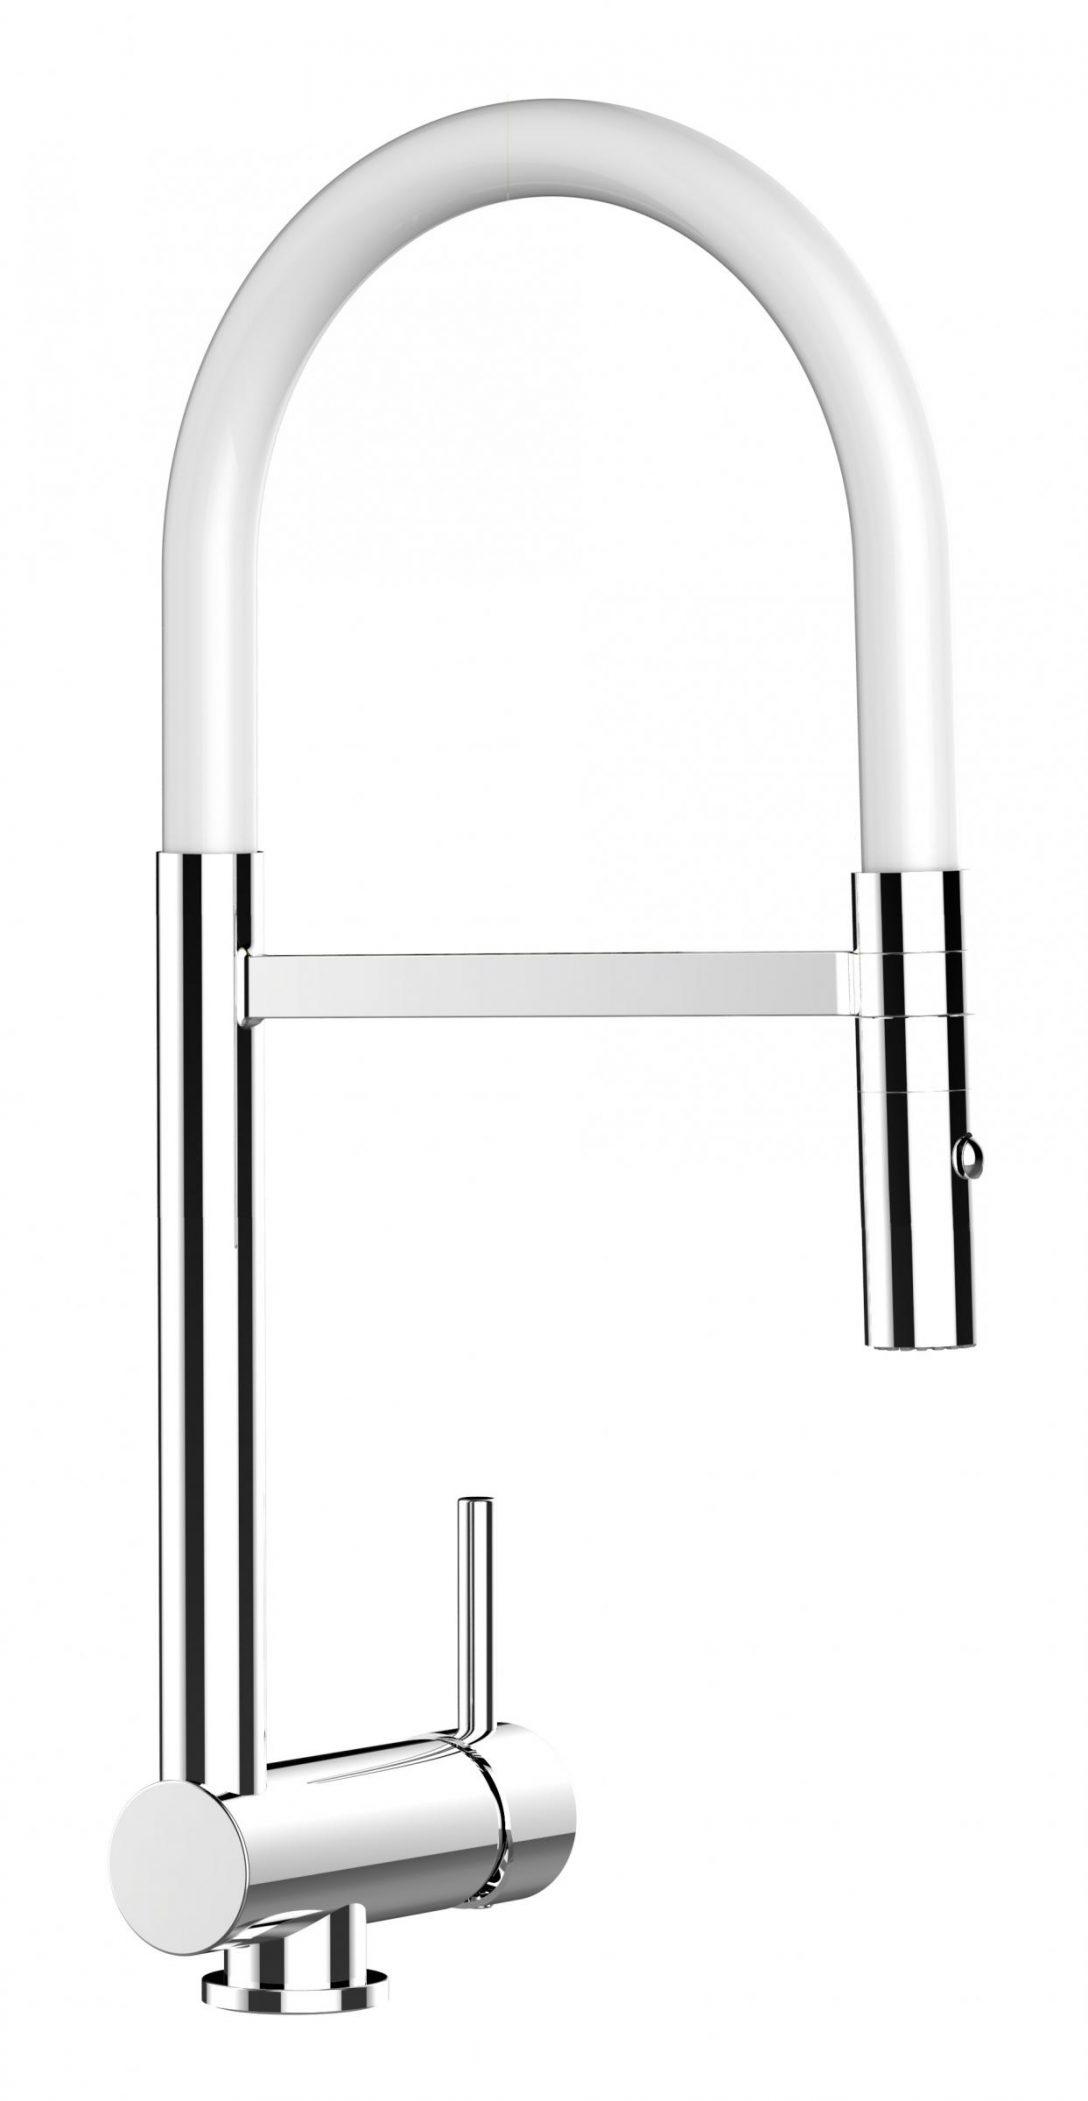 Full Size of Wasserhahn Anschluss Kche Ventil Warm Kalt Demontieren Küche Wandanschluss Bad Für Wohnzimmer Wasserhahn Anschluss